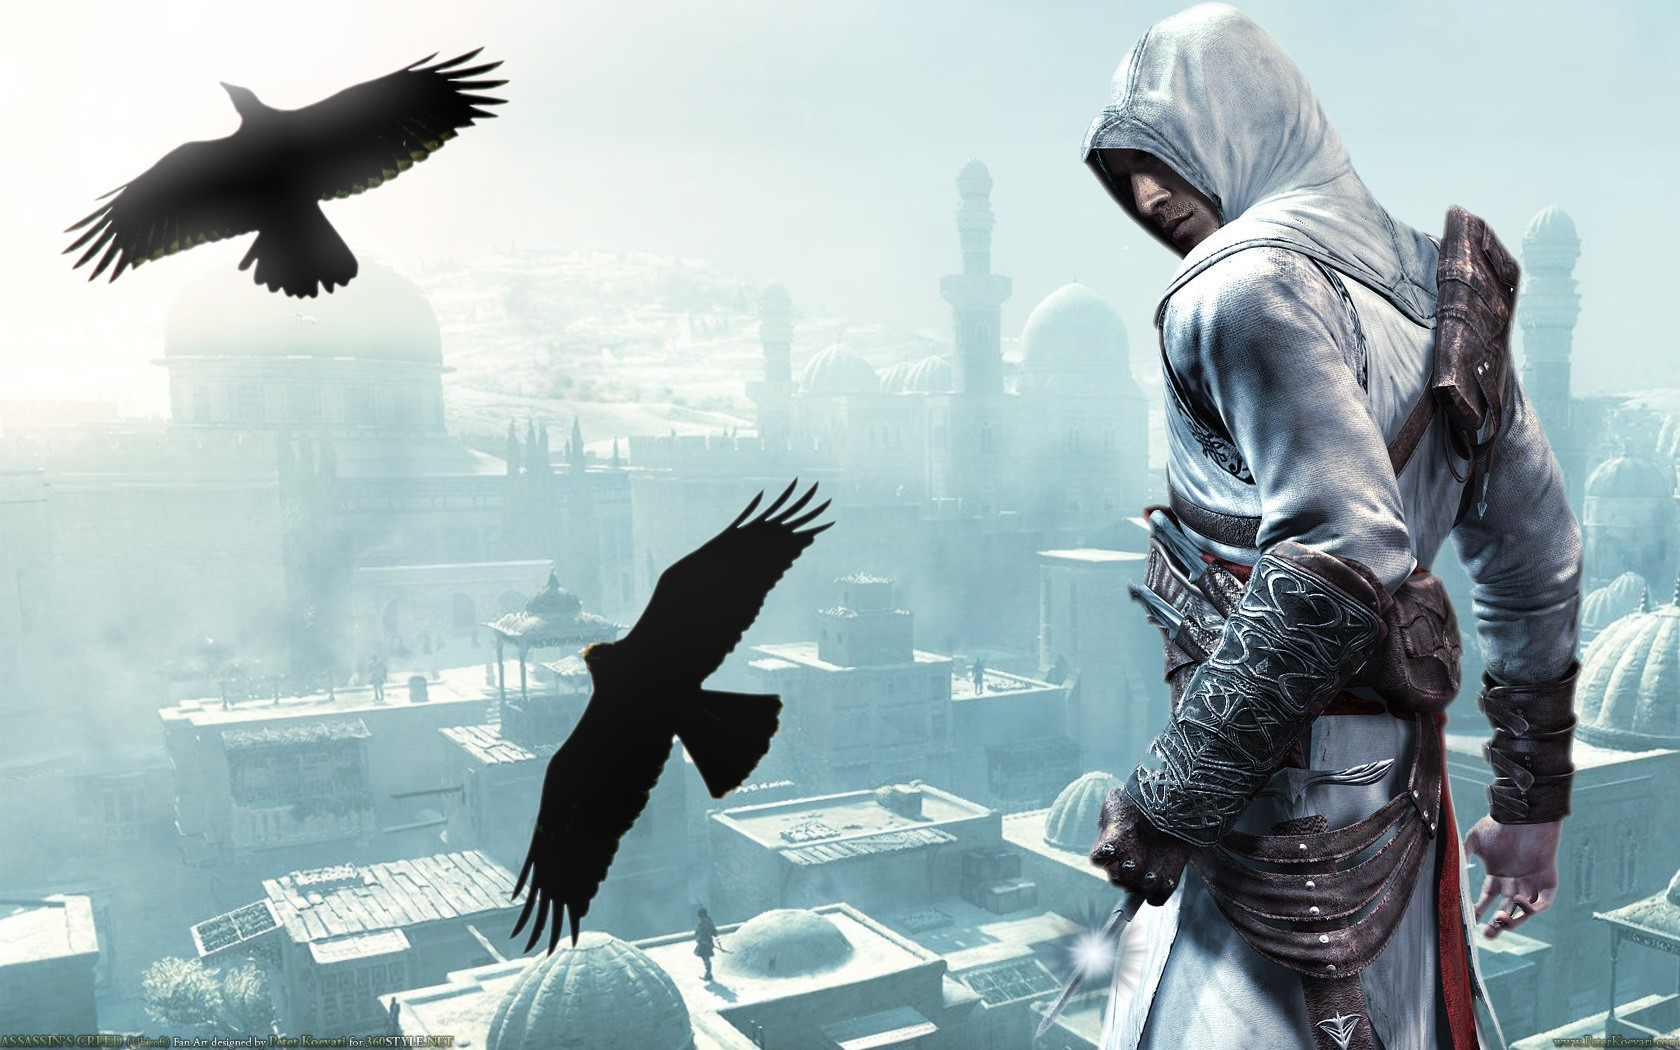 Download Assassins Creed Wallpaper 1680x1050 Wallpoper 280159 1680x1050